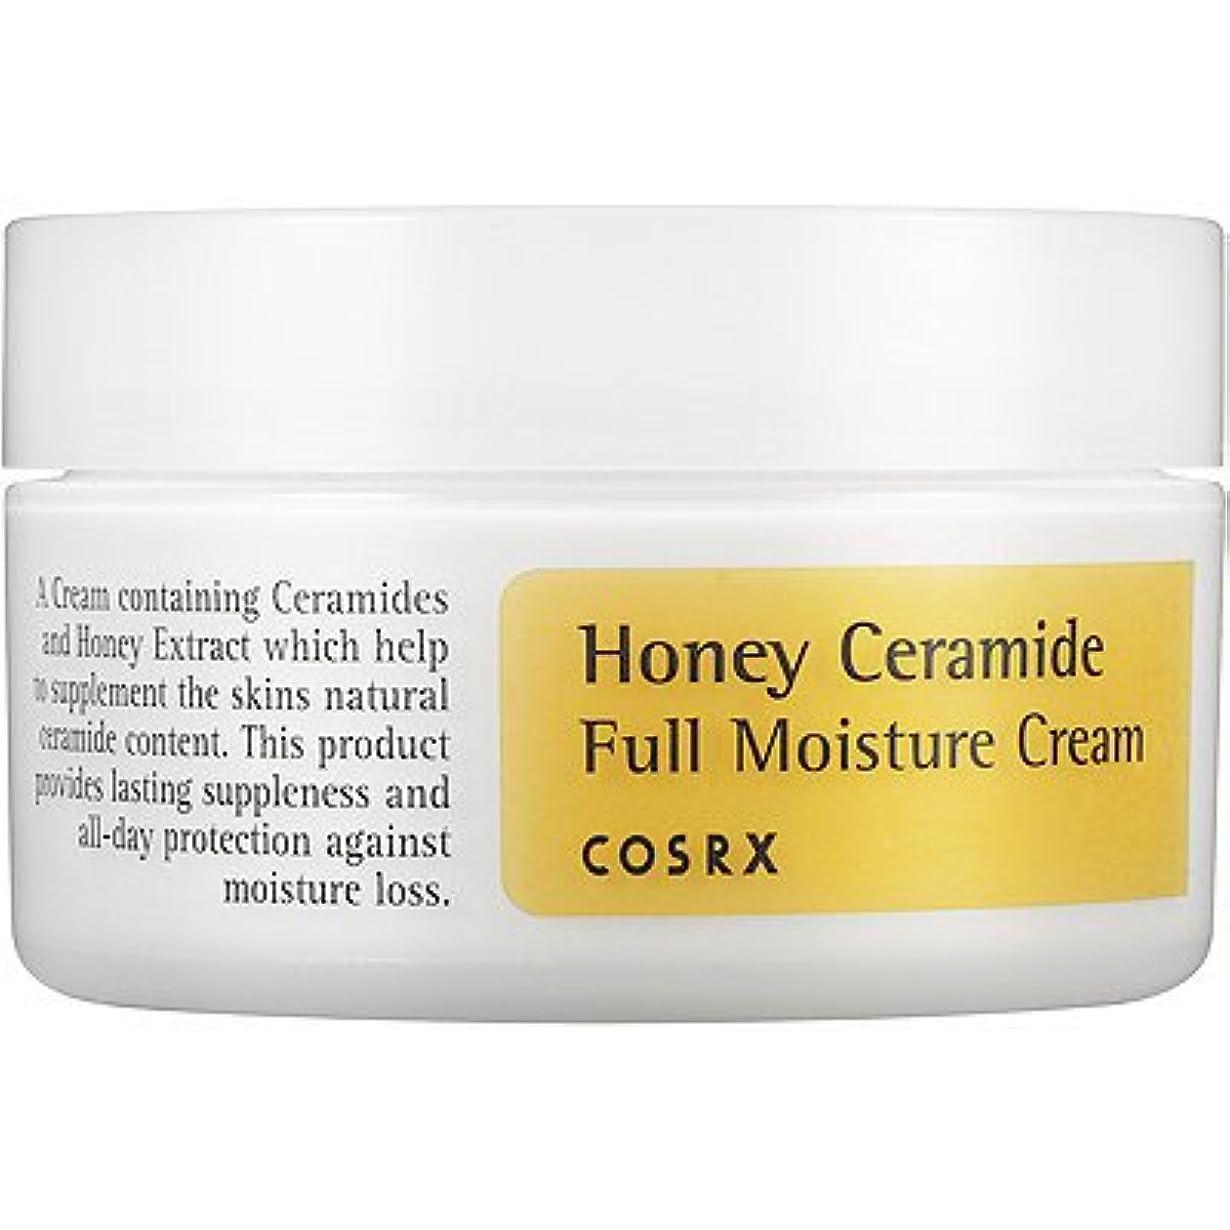 メモ揃える呪われたCOSRX Honey Ceramide Full Moisture Cream 50g/ハニーセラミド フル モイスチャークリーム -50g [並行輸入品]